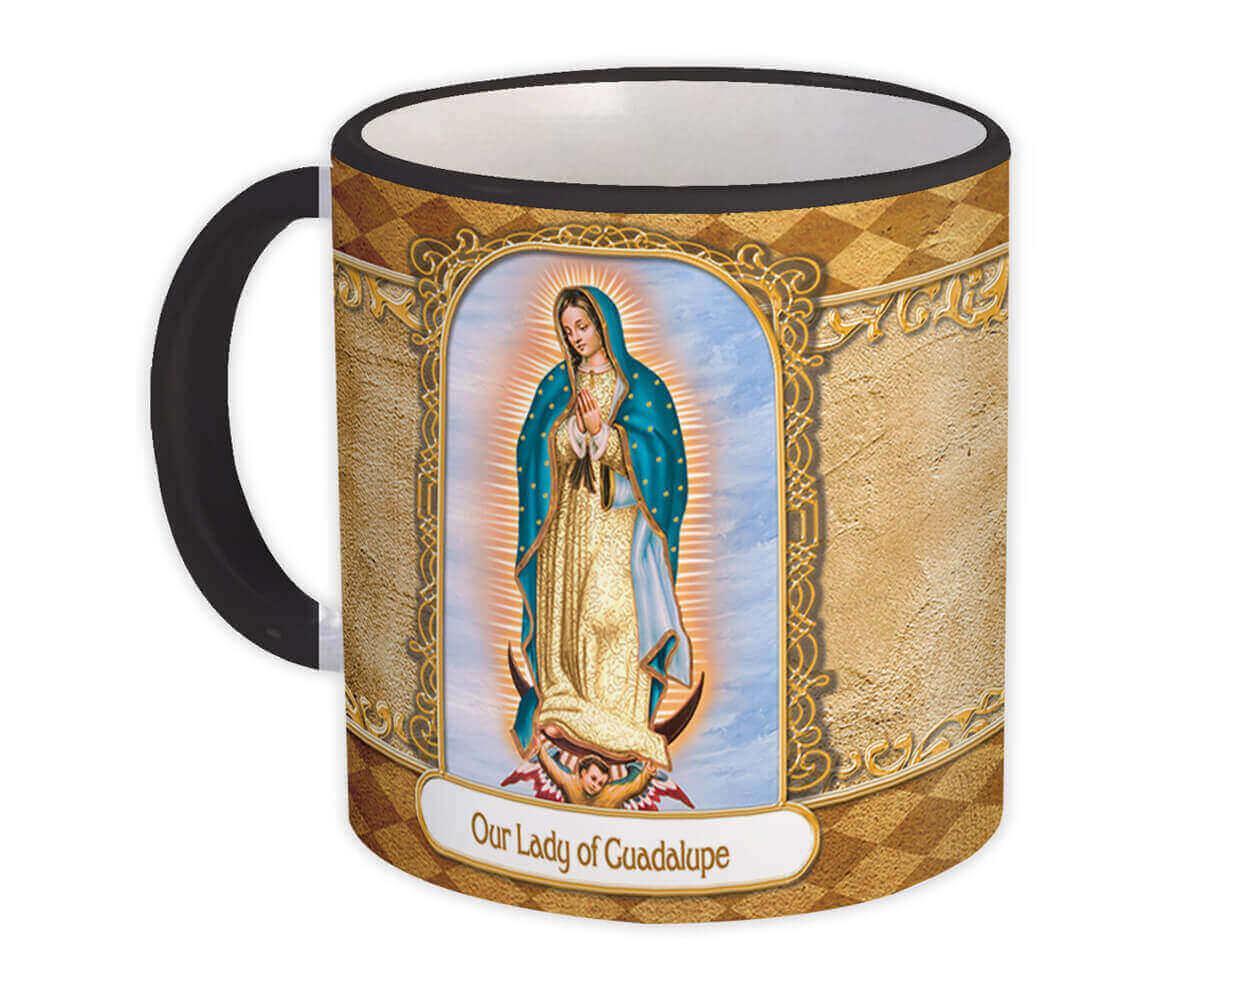 Our Lady of Guadalupe : Gift Mug Catholic Religious Virgin Saint Mary